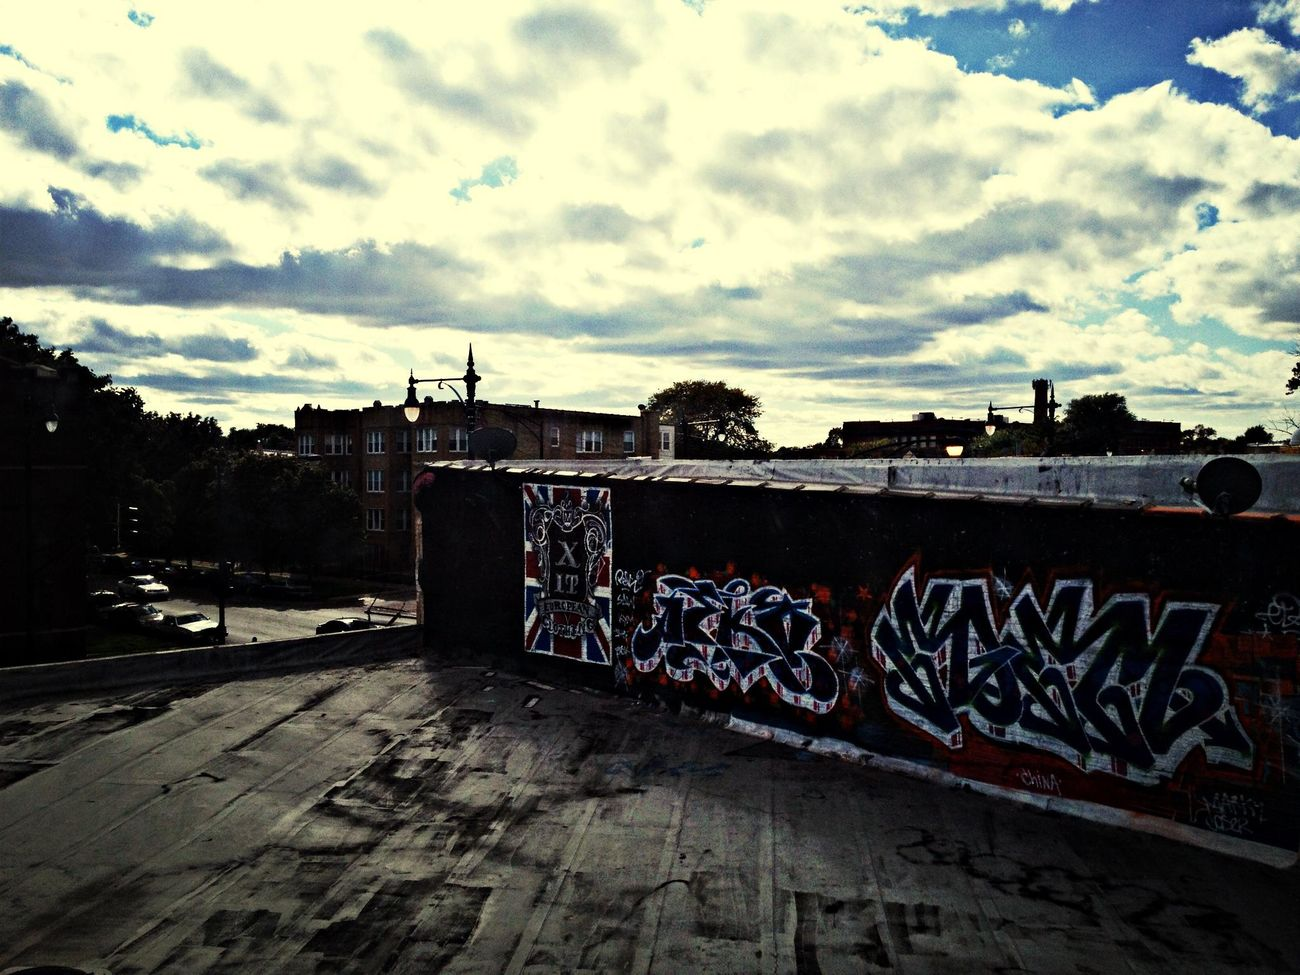 Graffiti Wallart Rooftop Sky